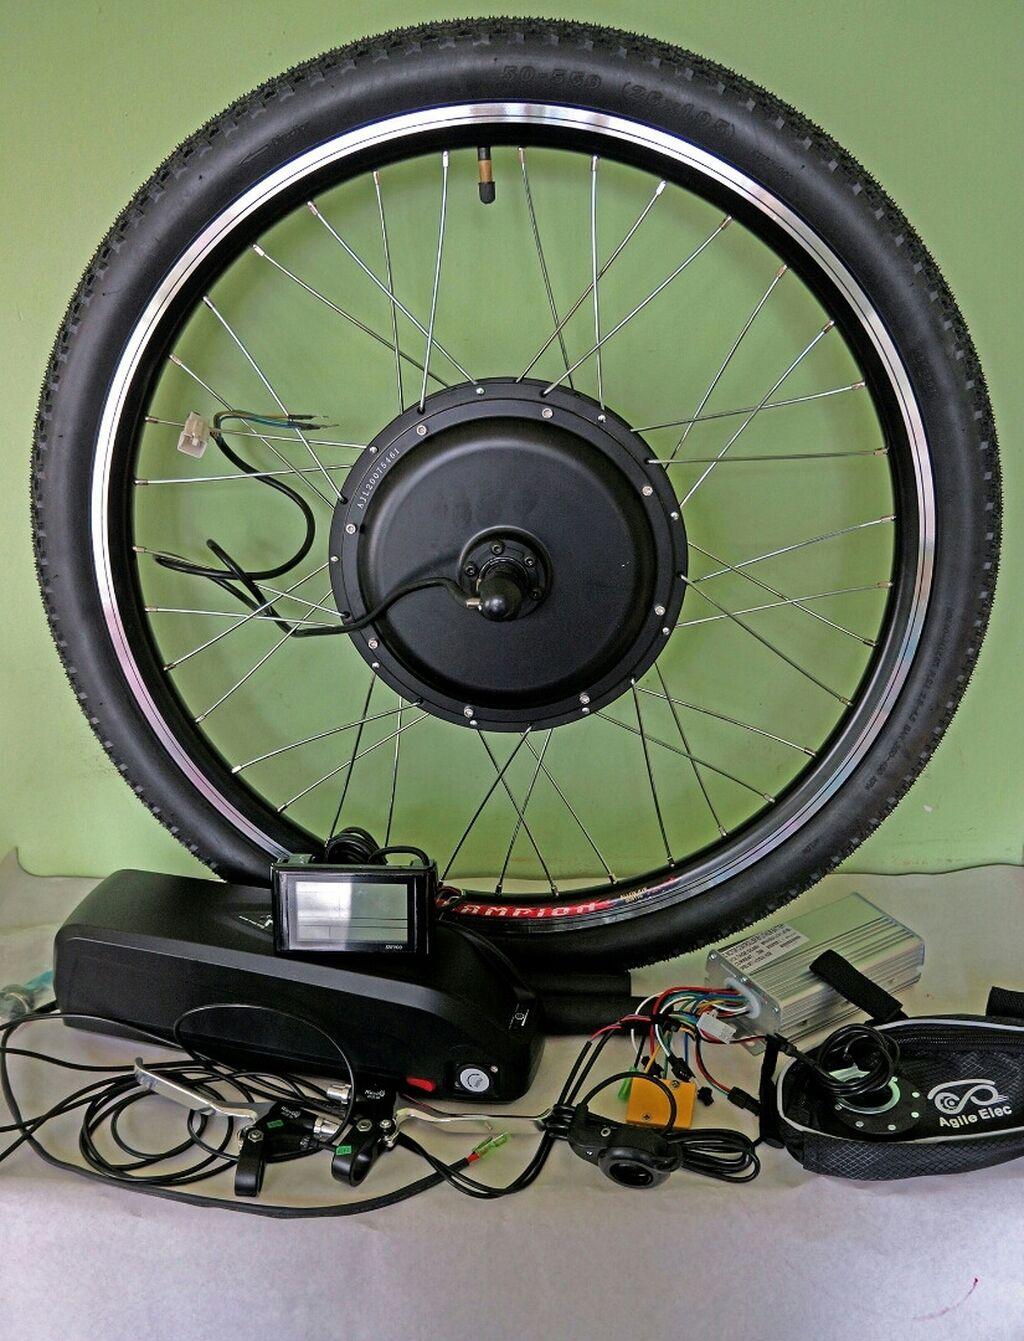 """Продается набор для велосипеда:Колесо 26"""" заднее - мощность 1000 Ватт: Продается набор для велосипеда:Колесо 26"""" заднее - мощность 1000 Ватт"""